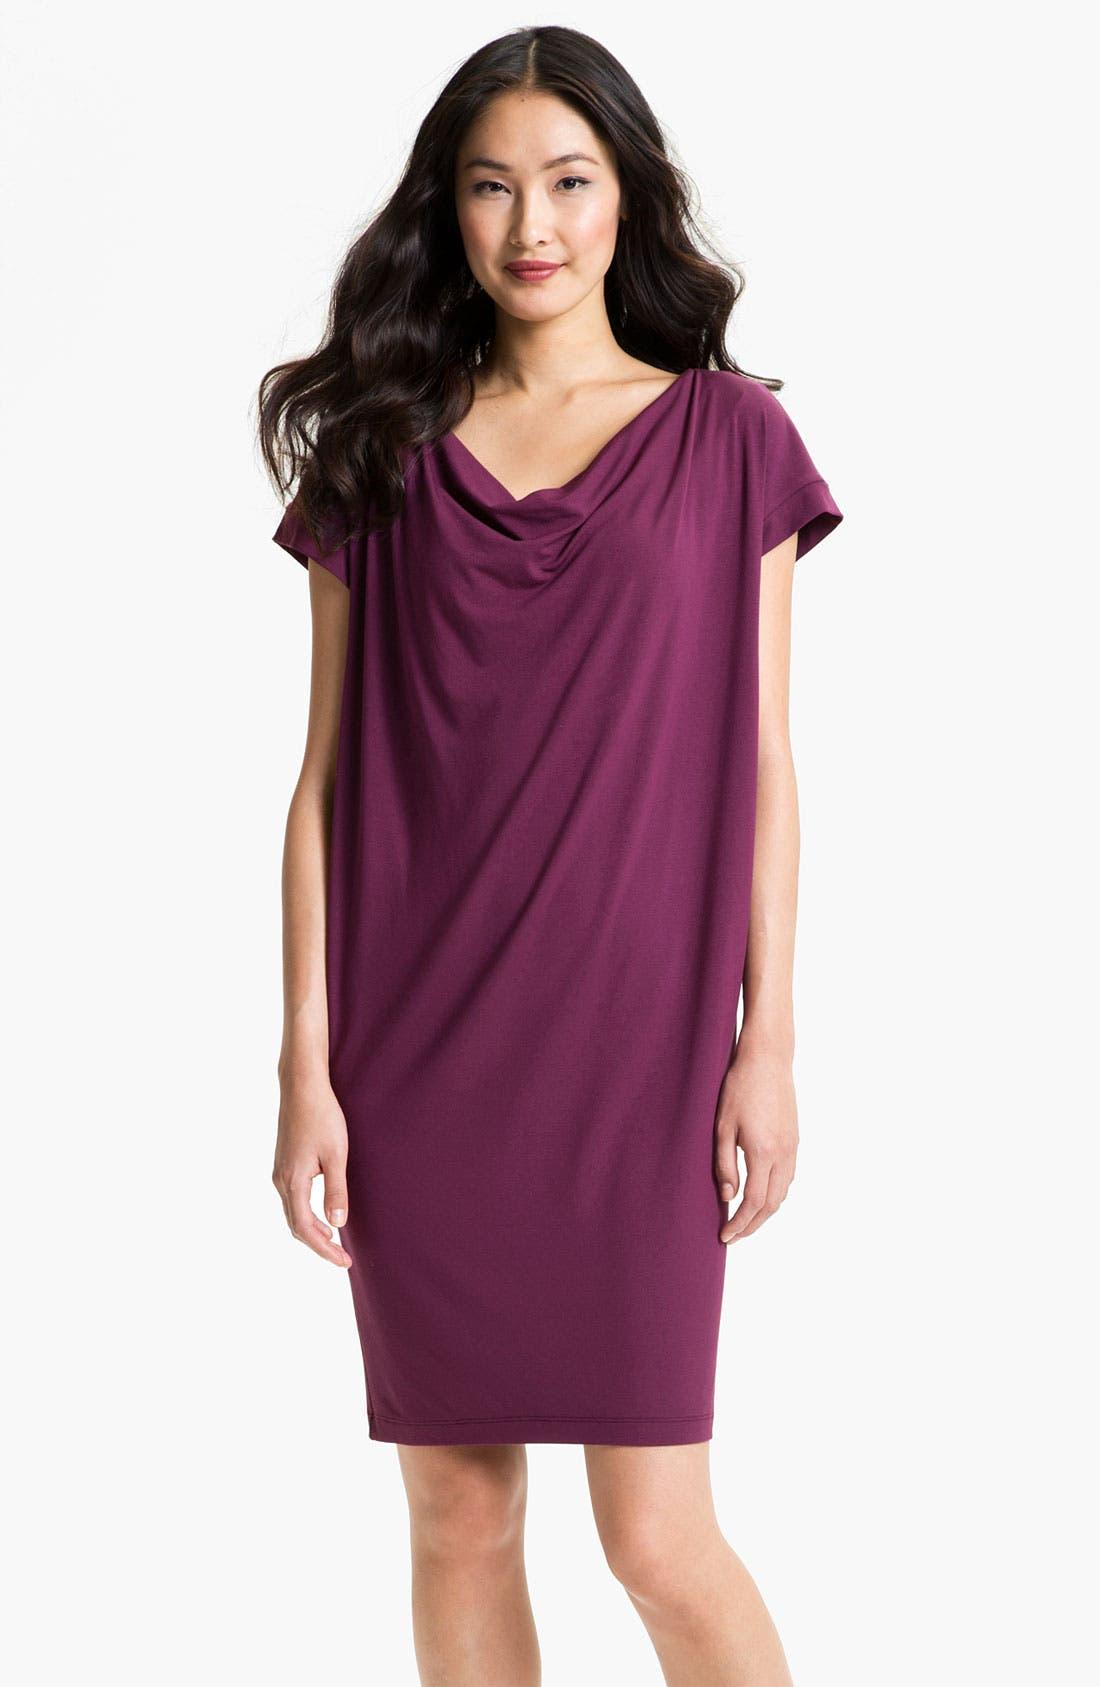 Alternate Image 1 Selected - Eileen Fisher Drape Front Shift Dress (Regular & Petite)